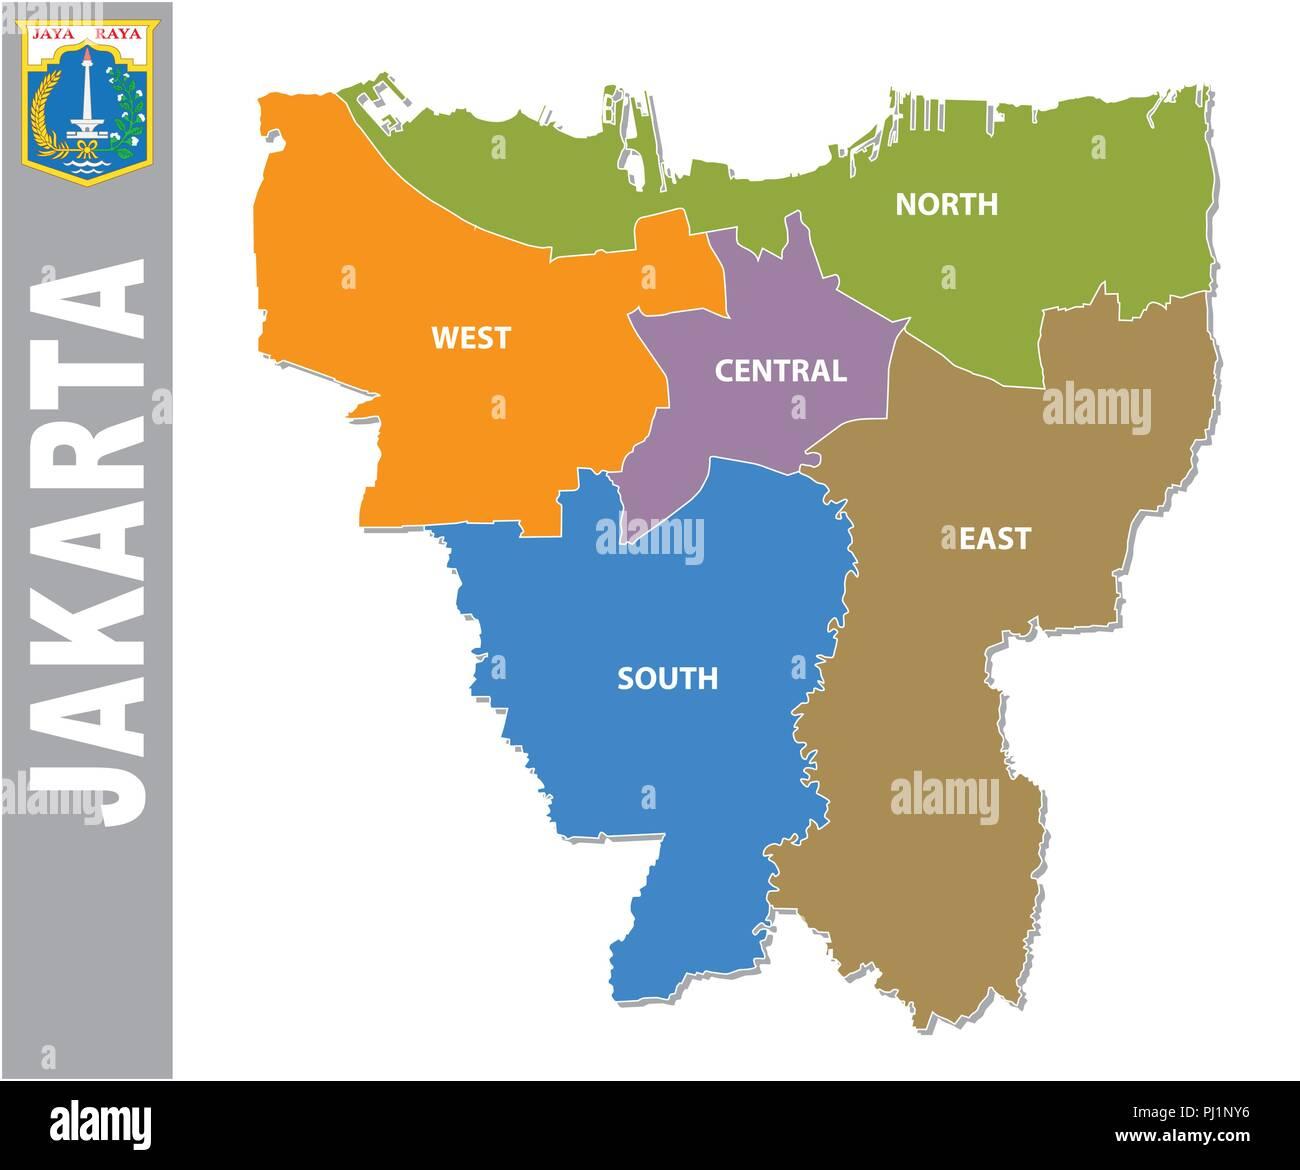 pyongyang world map, munich world map, kolkata world map, moscow world map, mexico city world map, mumbai world map, riyadh world map, shanghai world map, lima world map, seoul world map, tokyo on world map, yangon world map, tehran world map, dhaka world map, los angeles world map, ho chi minh world map, karachi world map, kabul world map, kuala lumpur on world map, santiago world map, on jakarta world map